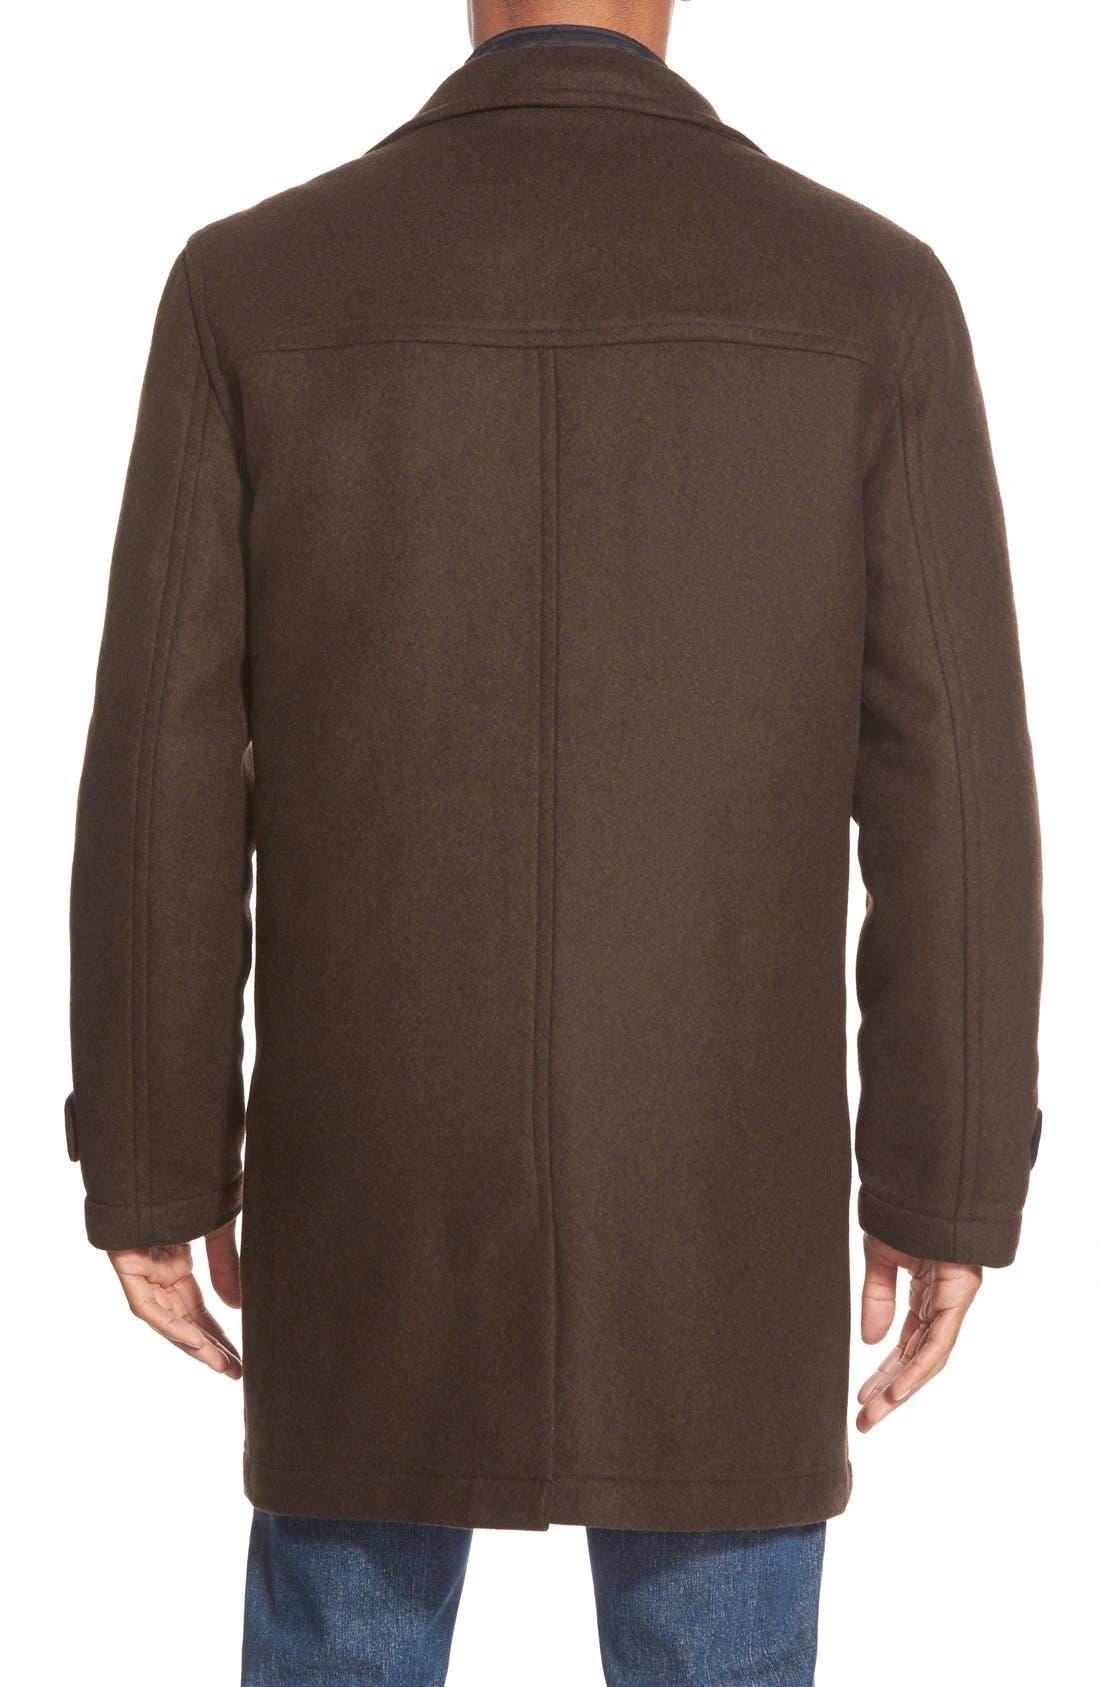 'Westown' 3-in-1 Wool Blend Coat,                             Alternate thumbnail 5, color,